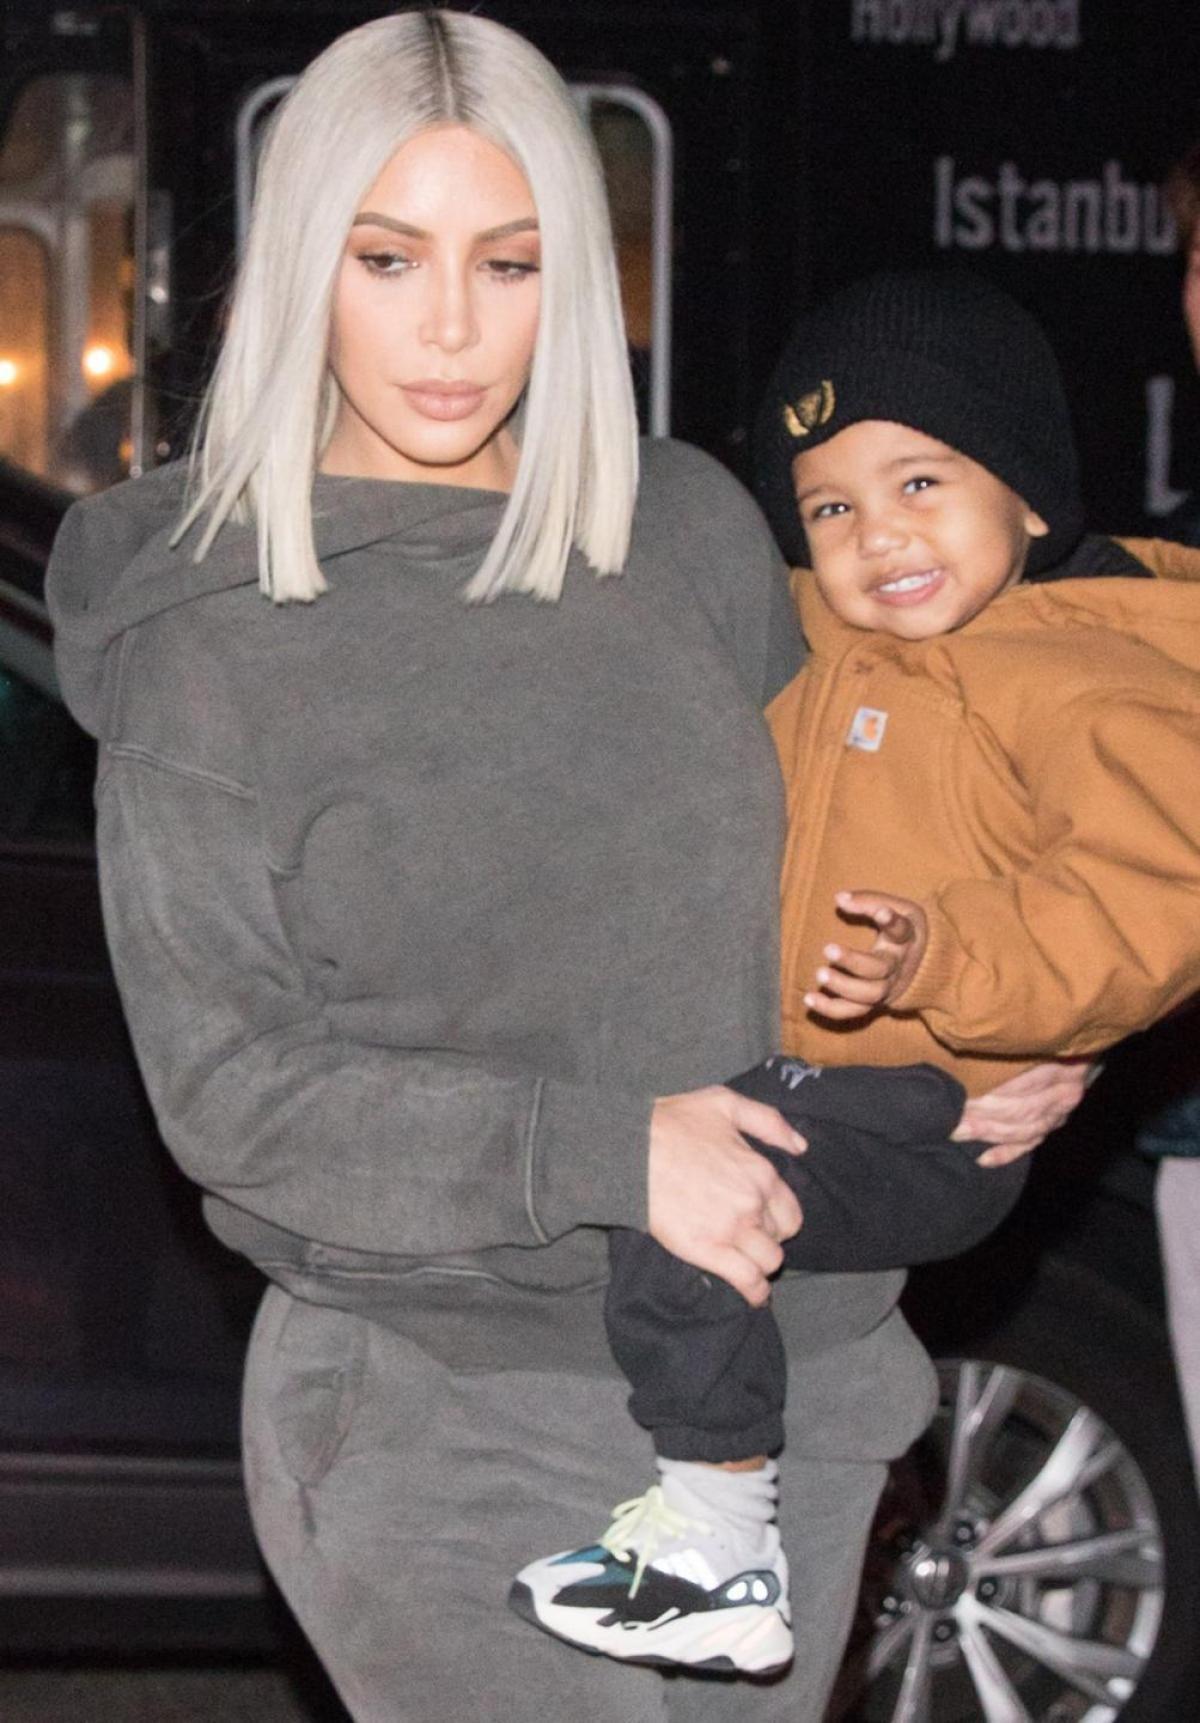 Kim Kardashian And Son Saint Hospitalized With Pneumonia Days